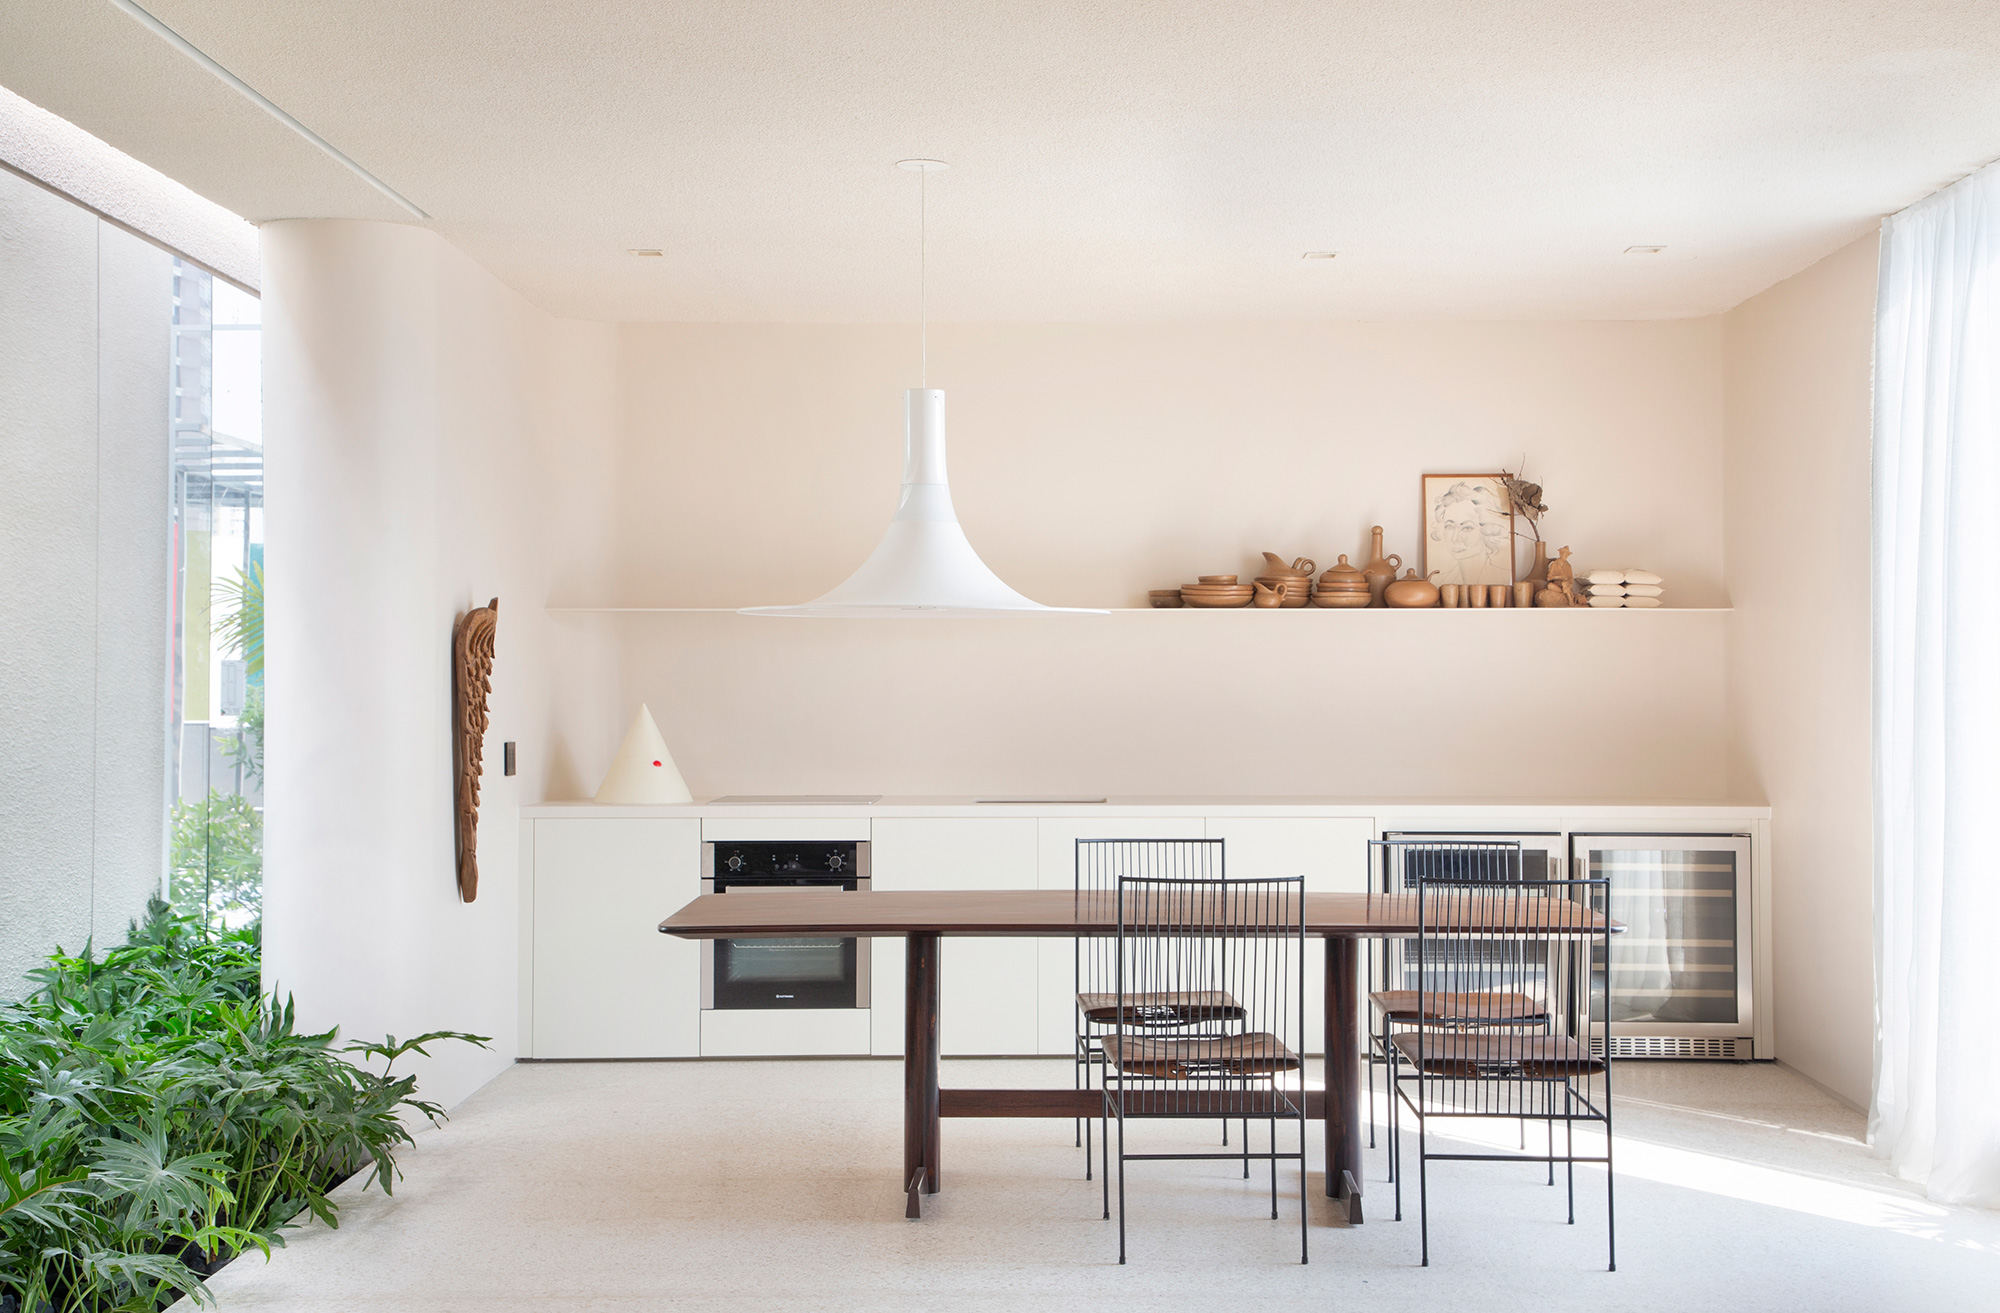 BC Arquitetos - Casa Alva, projeto para a CASACOR São Paulo 2021.